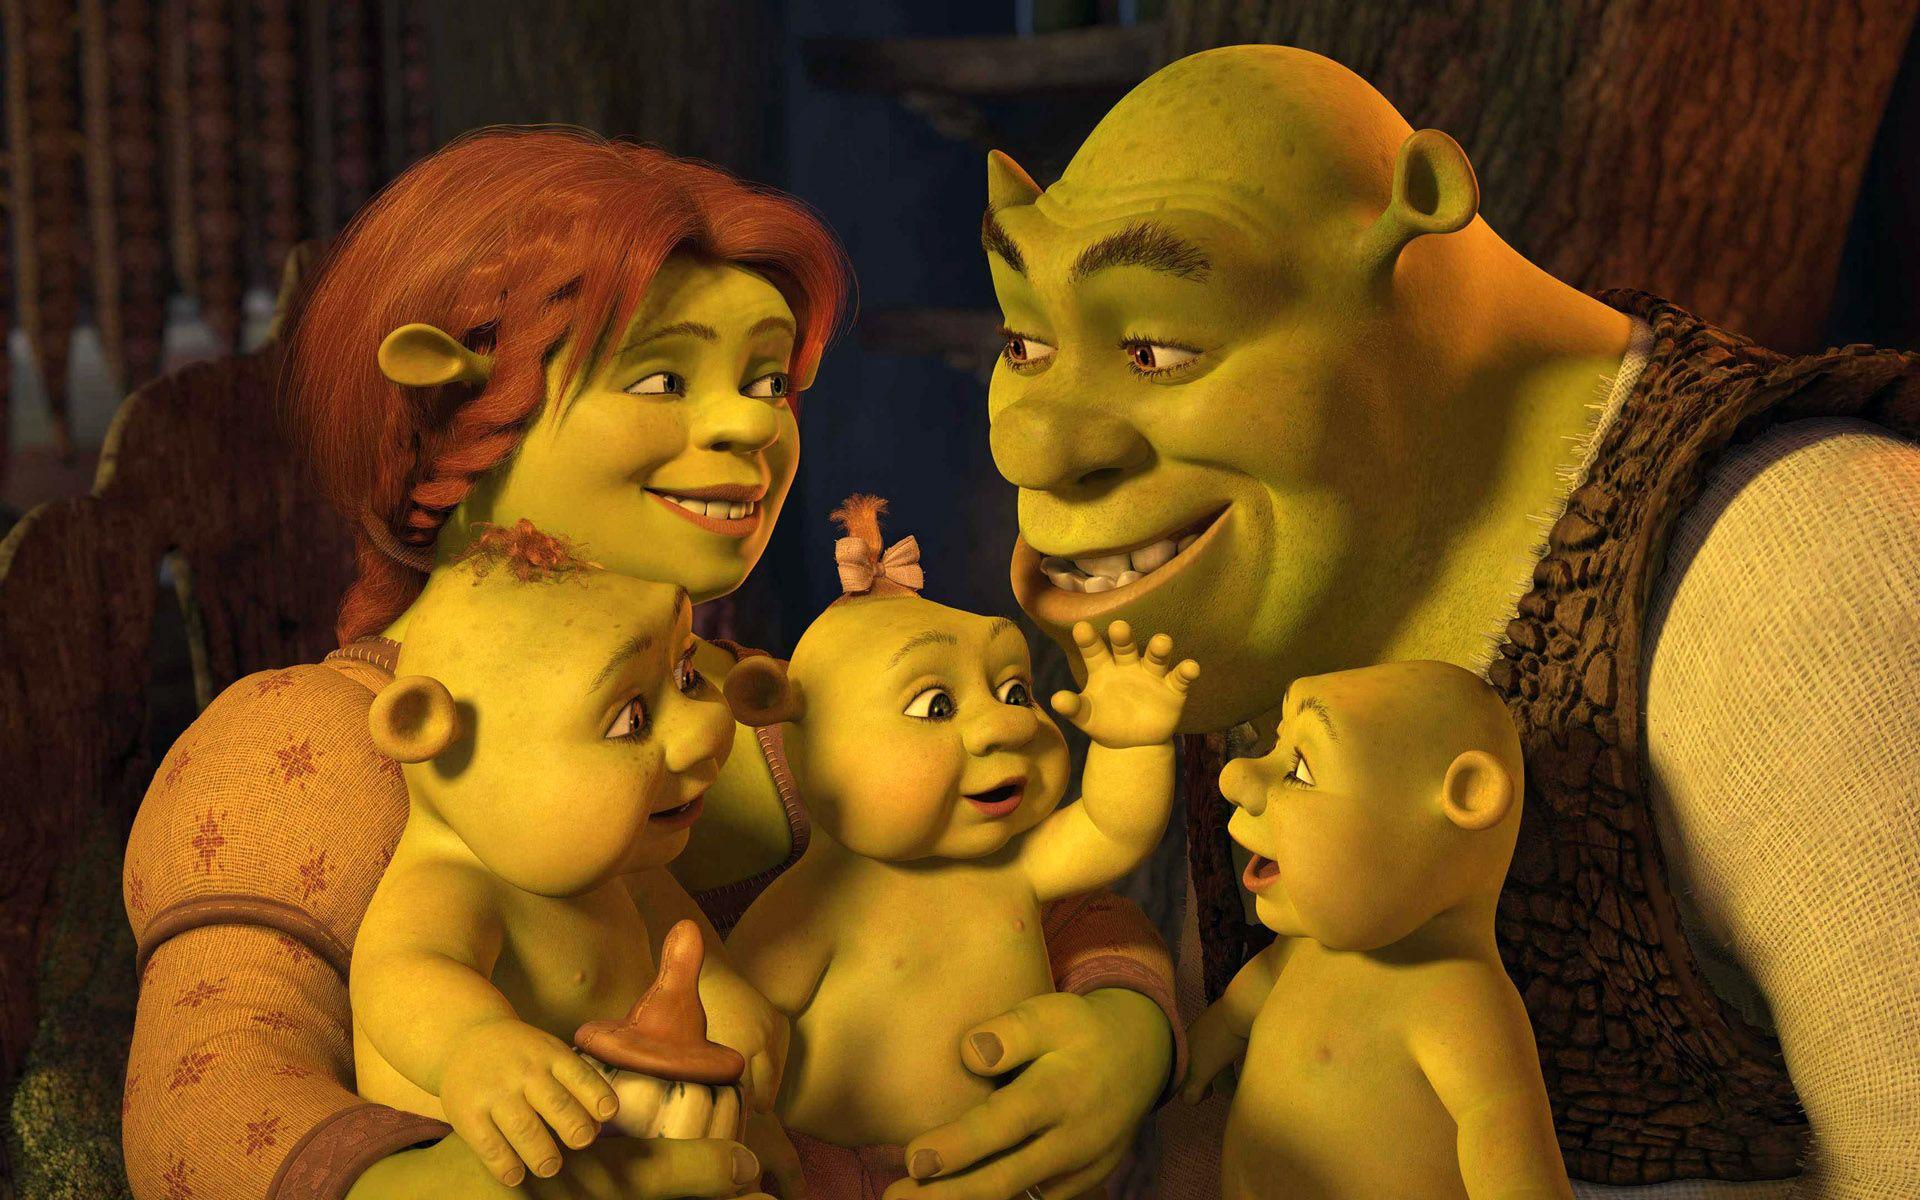 Pin On Shrek The Musical